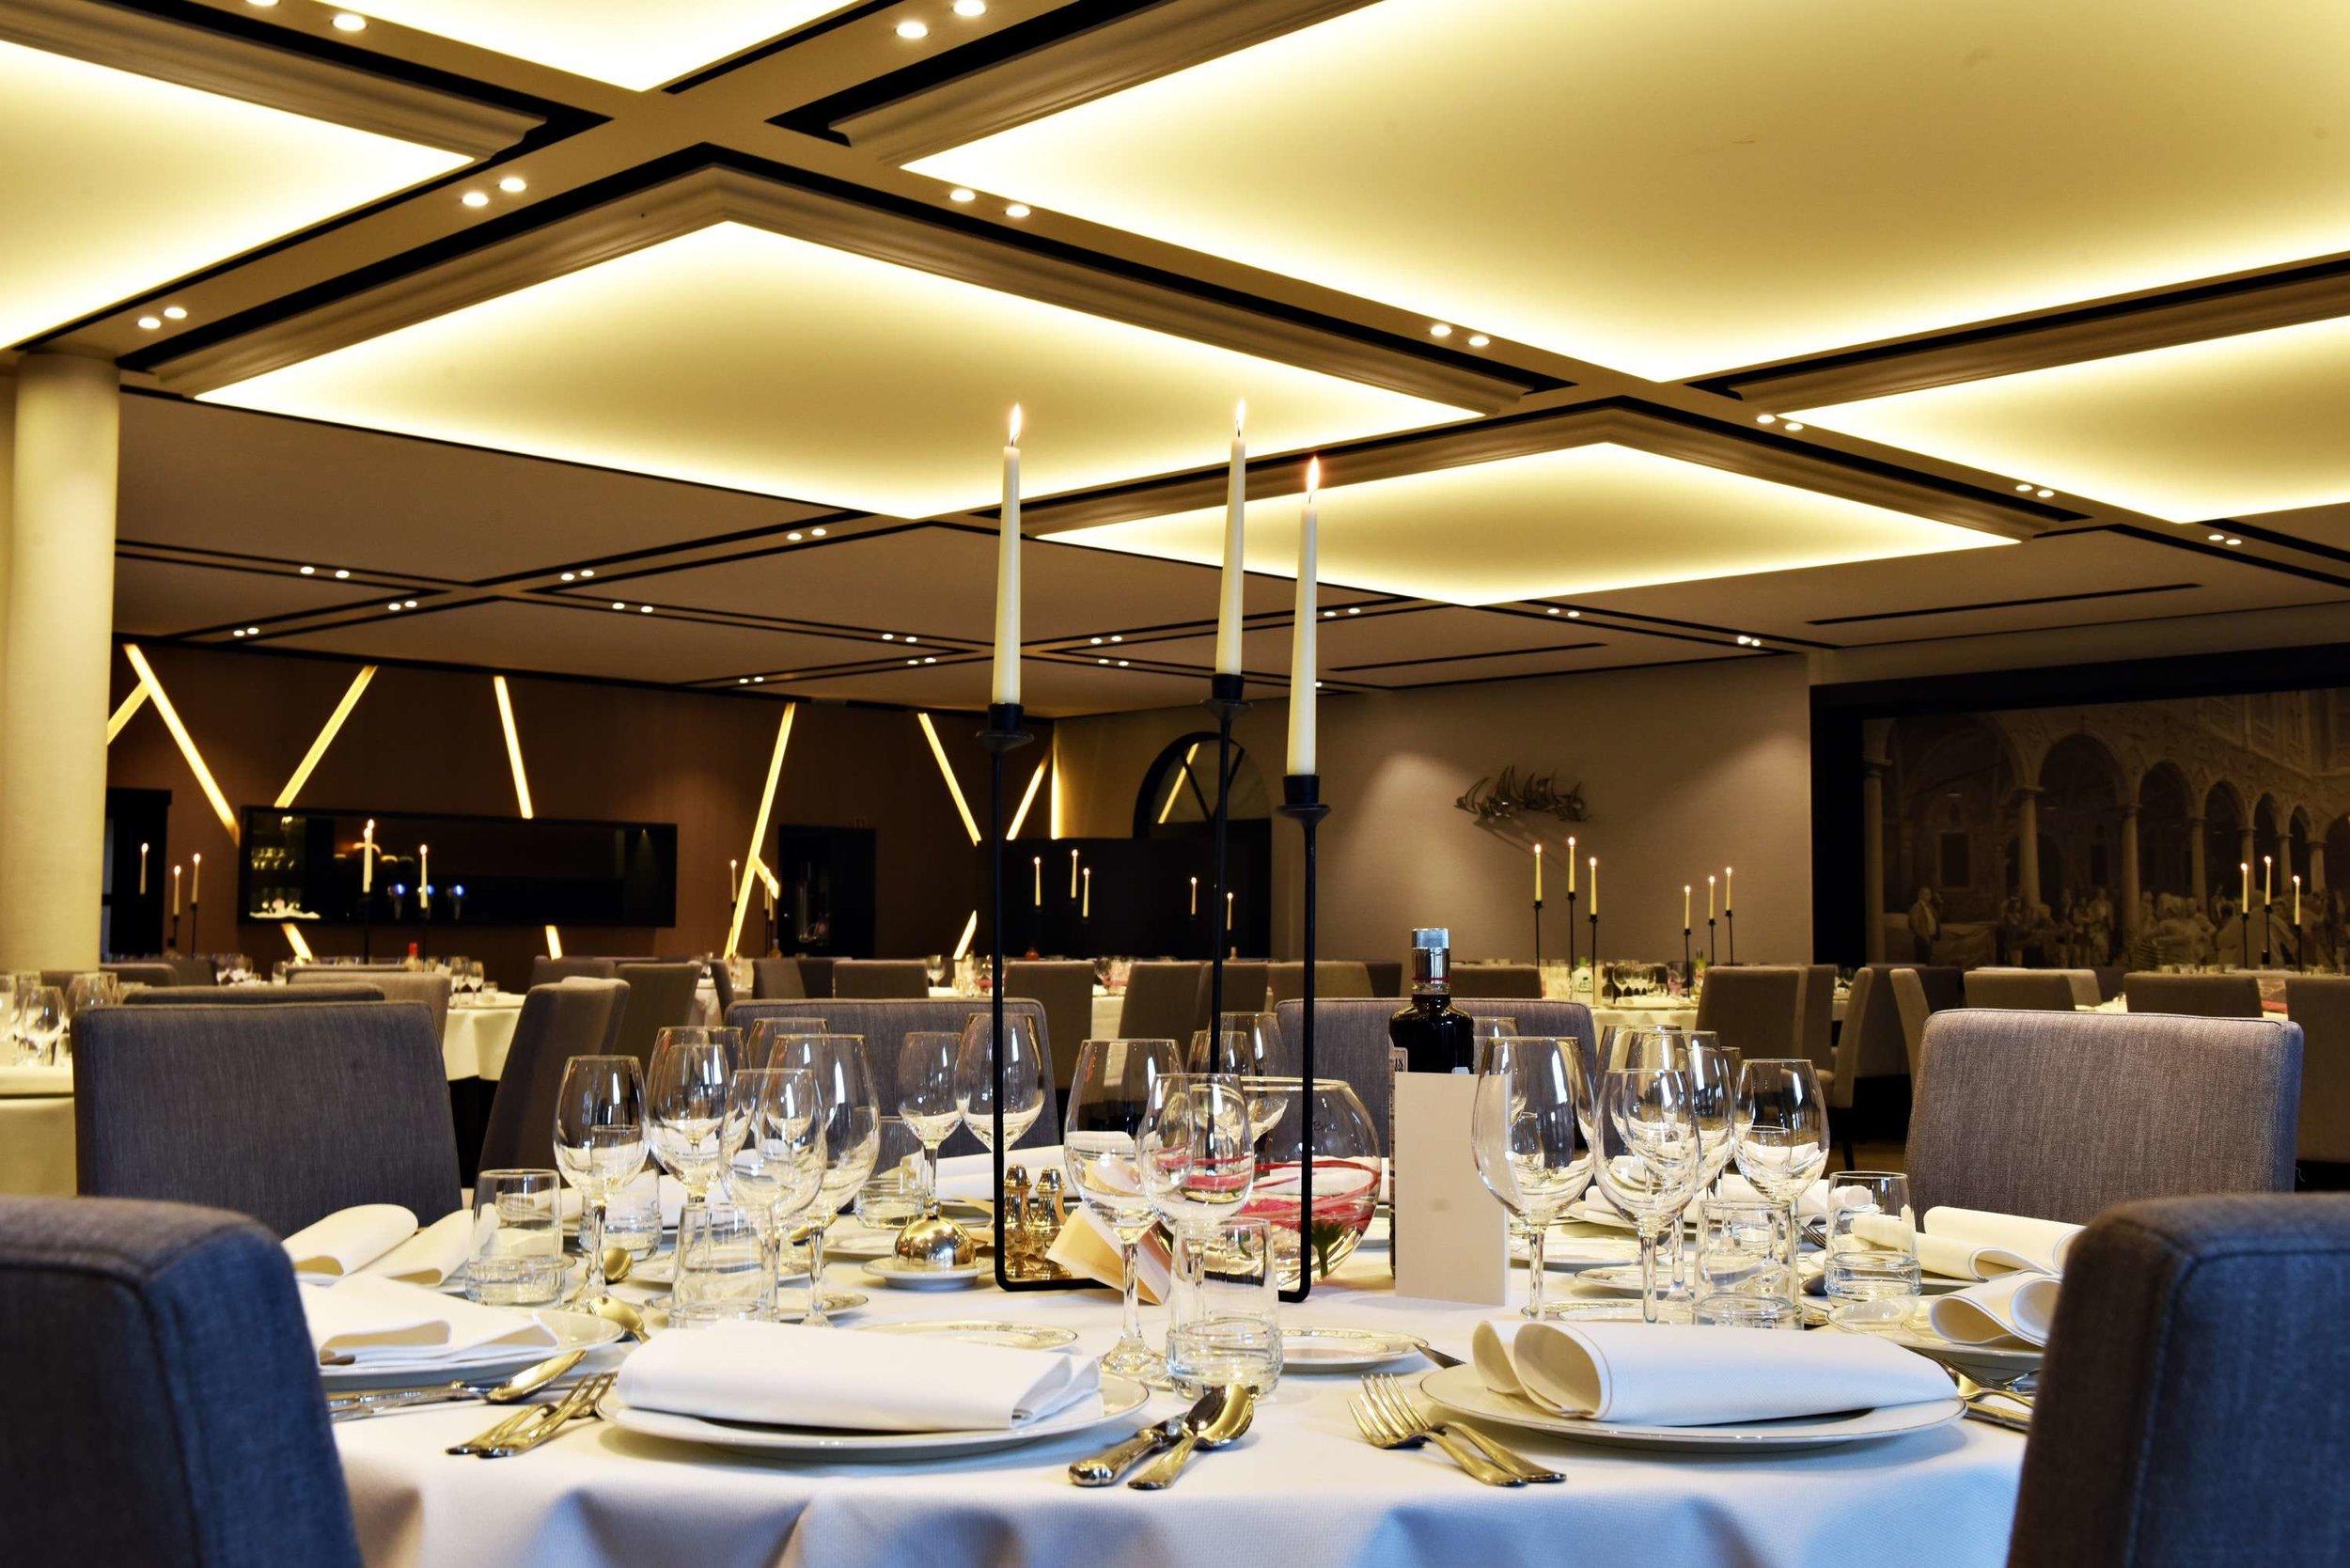 19 terras zaal saint germain feestzaal restaurant ontbijt diksmuide bart albrecht tablefever.jpg